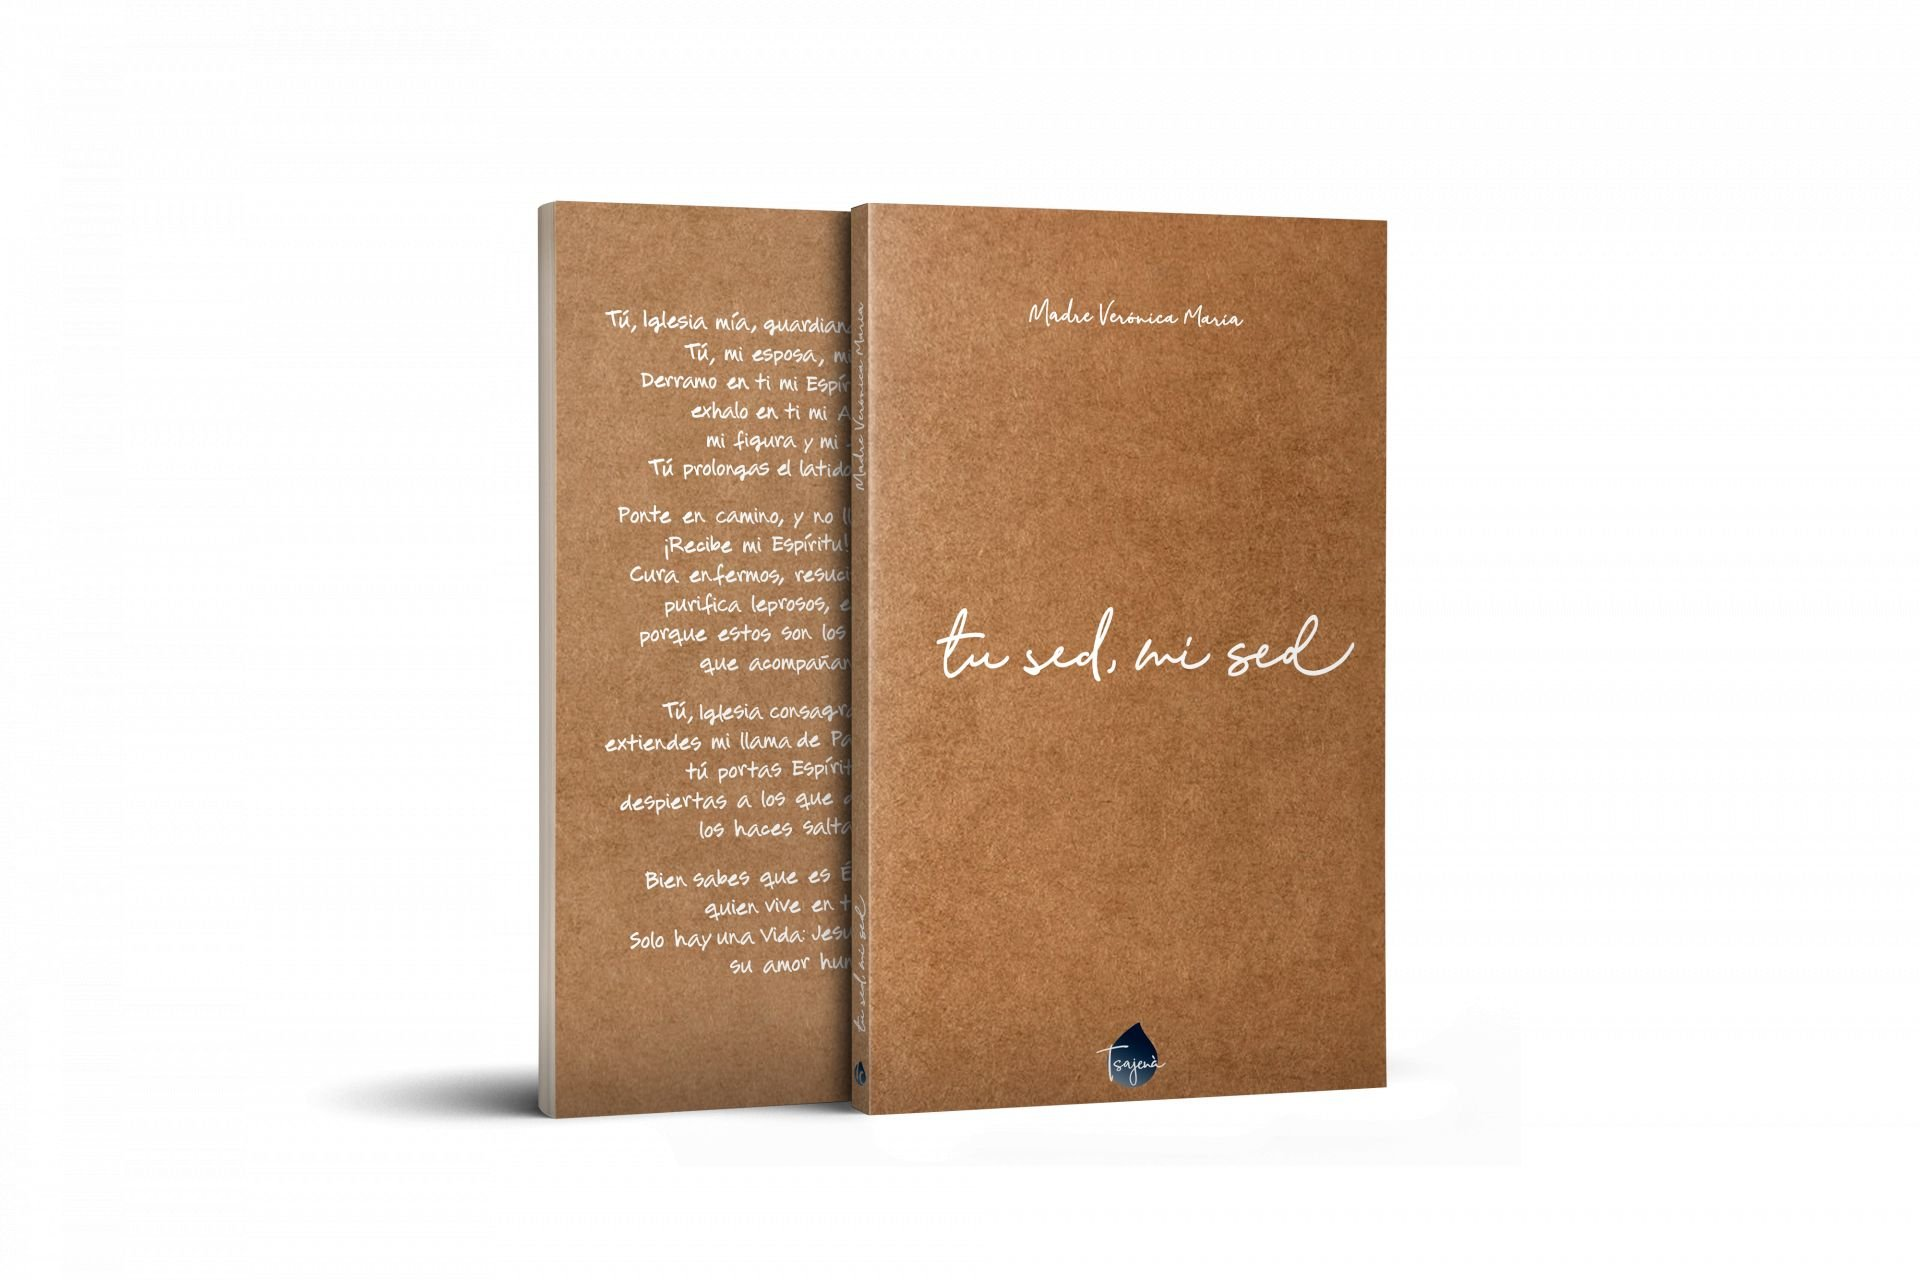 Plantilla-Front-Back-Book-TU-SED-MI-SED-1600170004.jpg